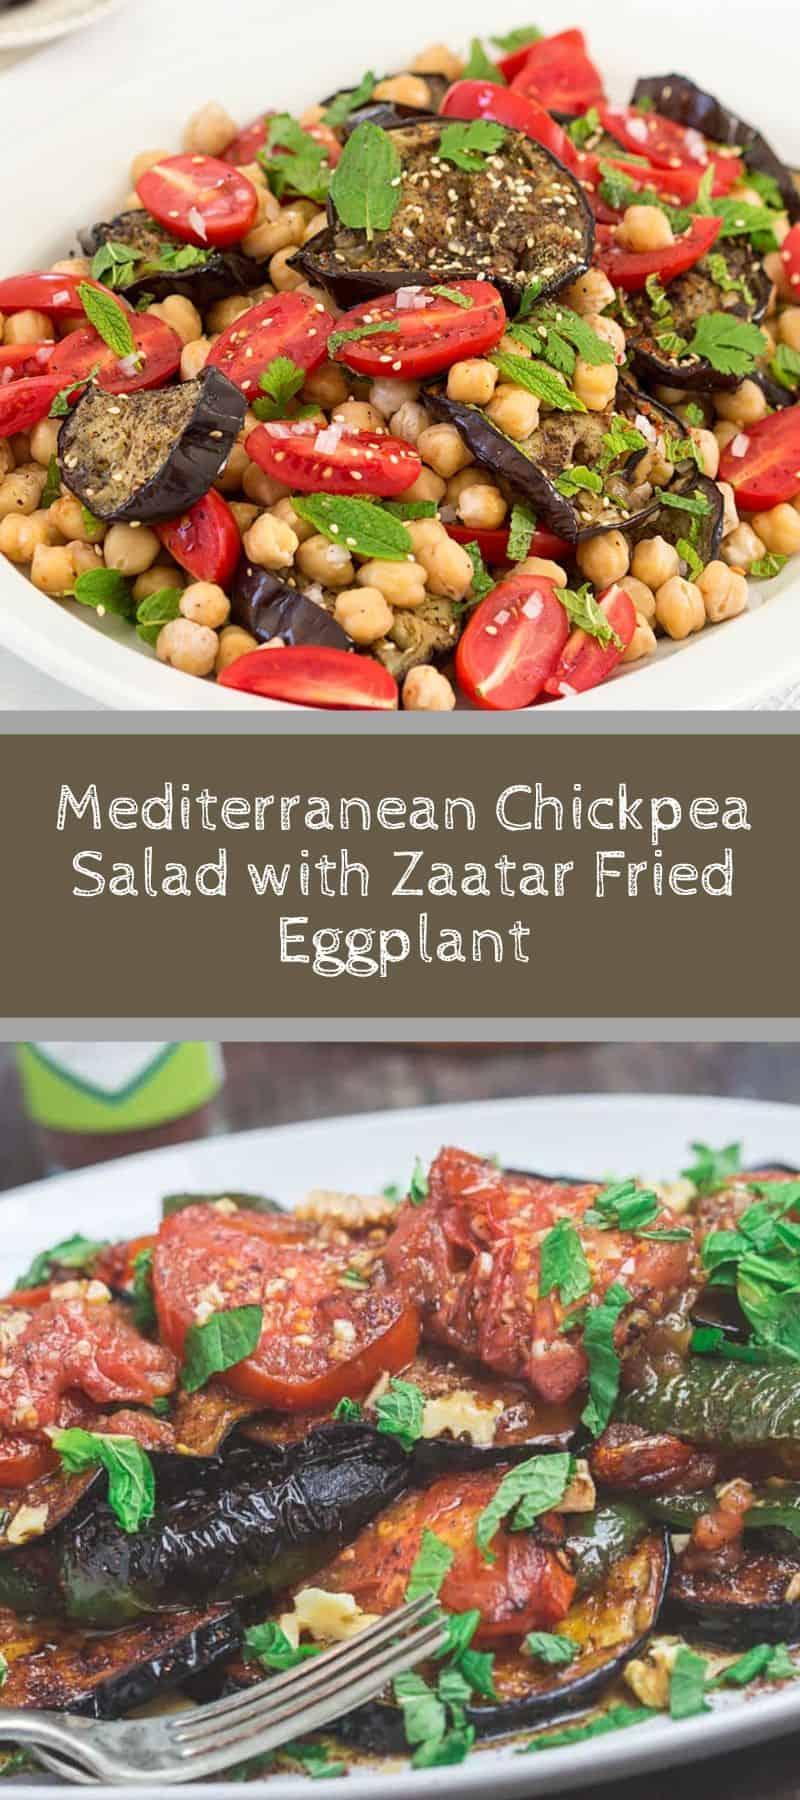 Mediterranean Chickpea Salad with Zaatar Fried Eggplant 3